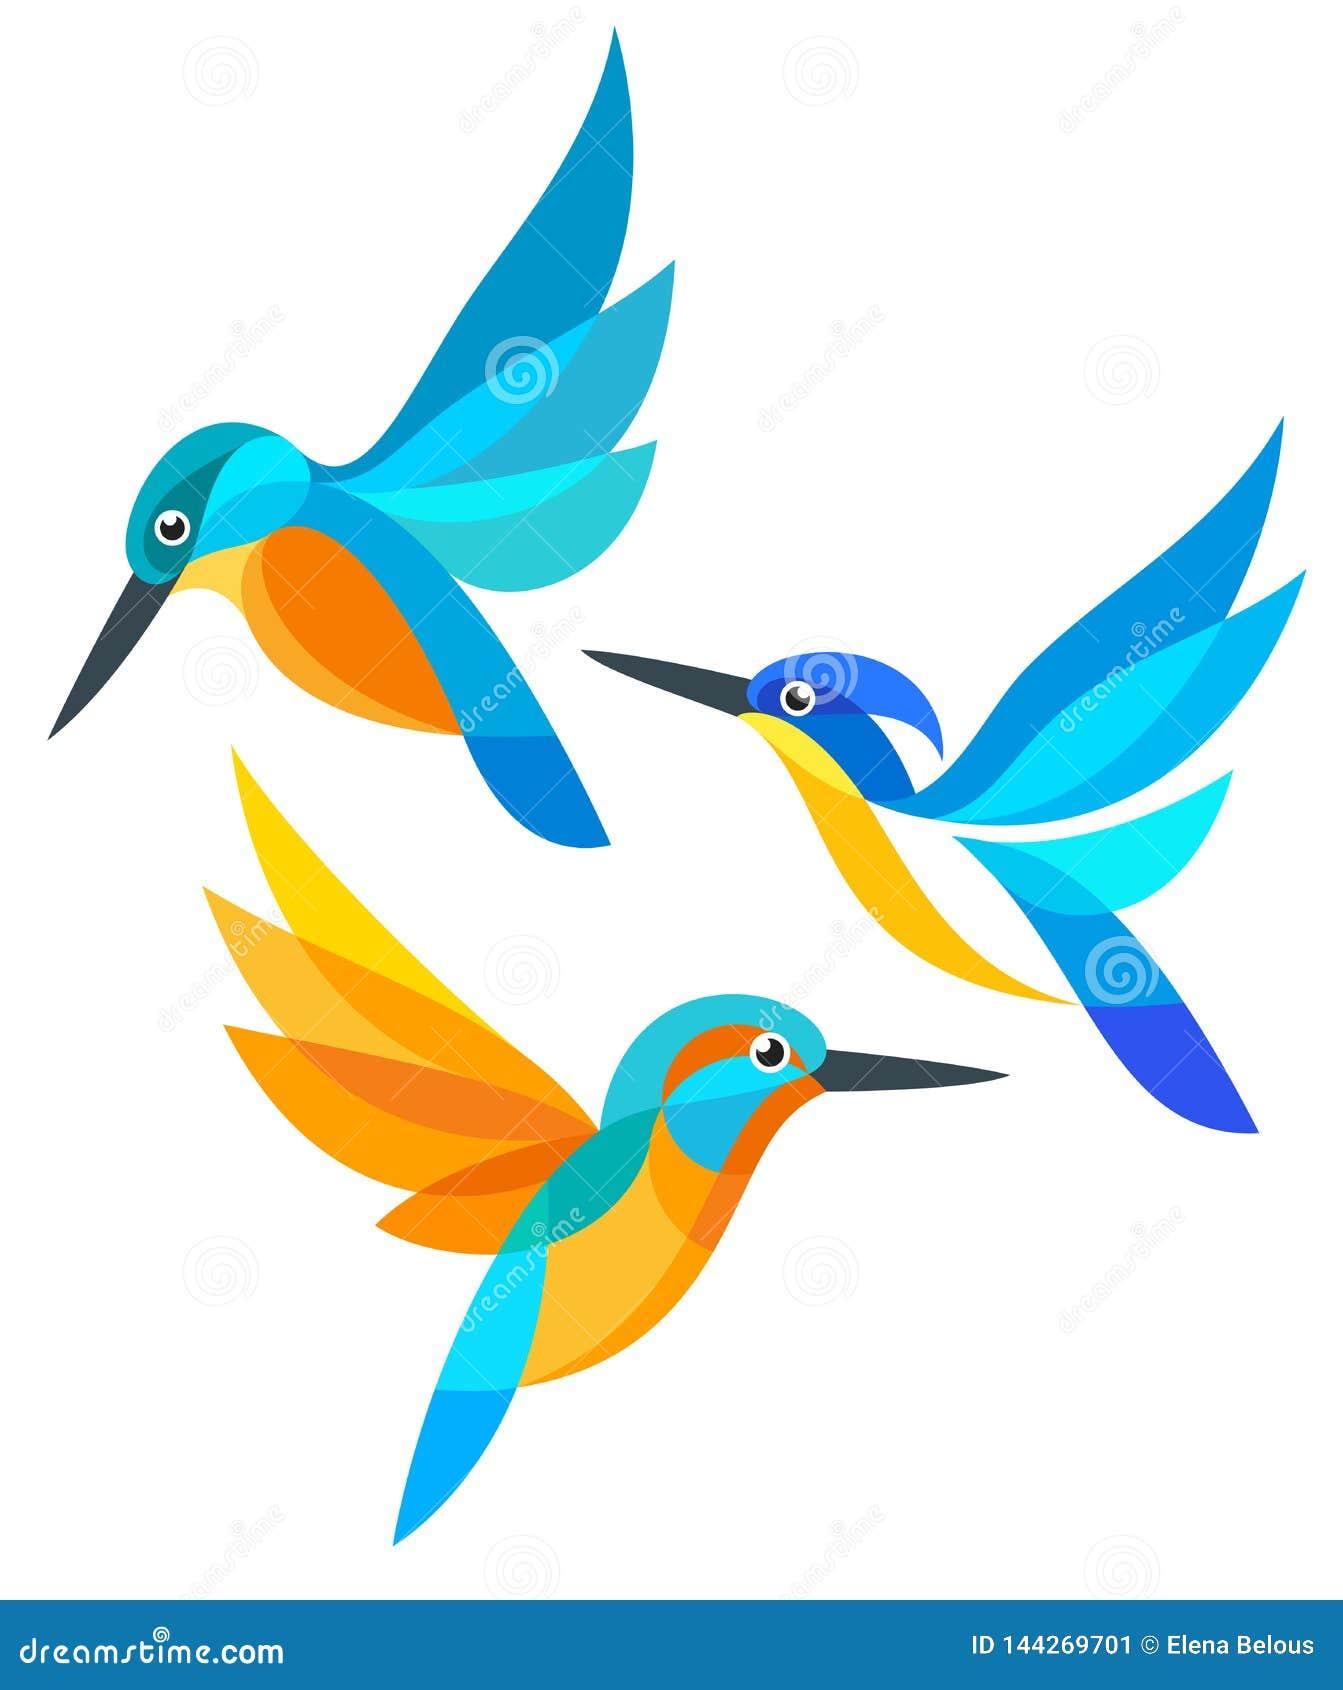 在飞行中风格化鸟